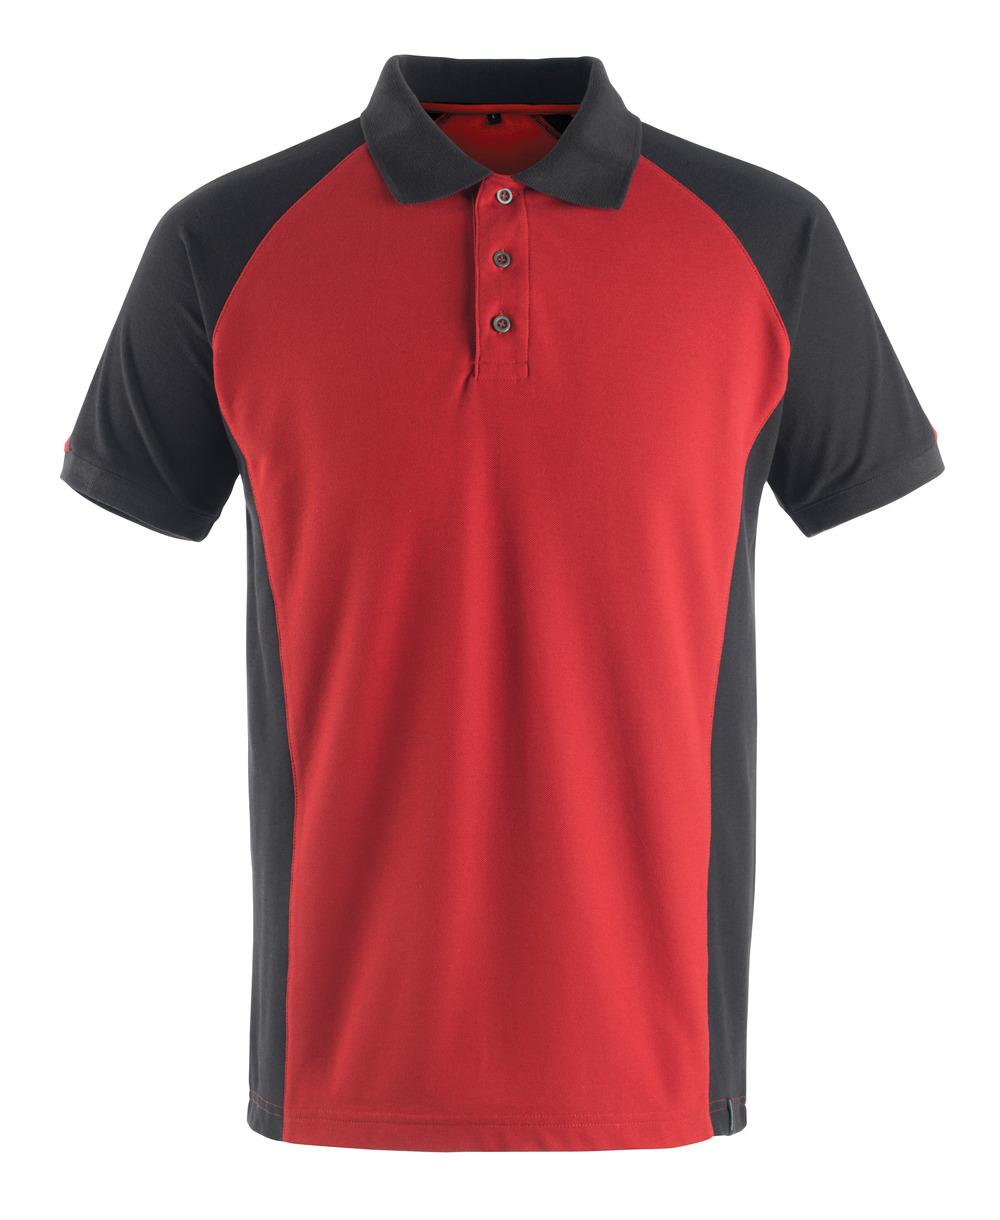 50569-961-0209 Polo - Rouge/Noir